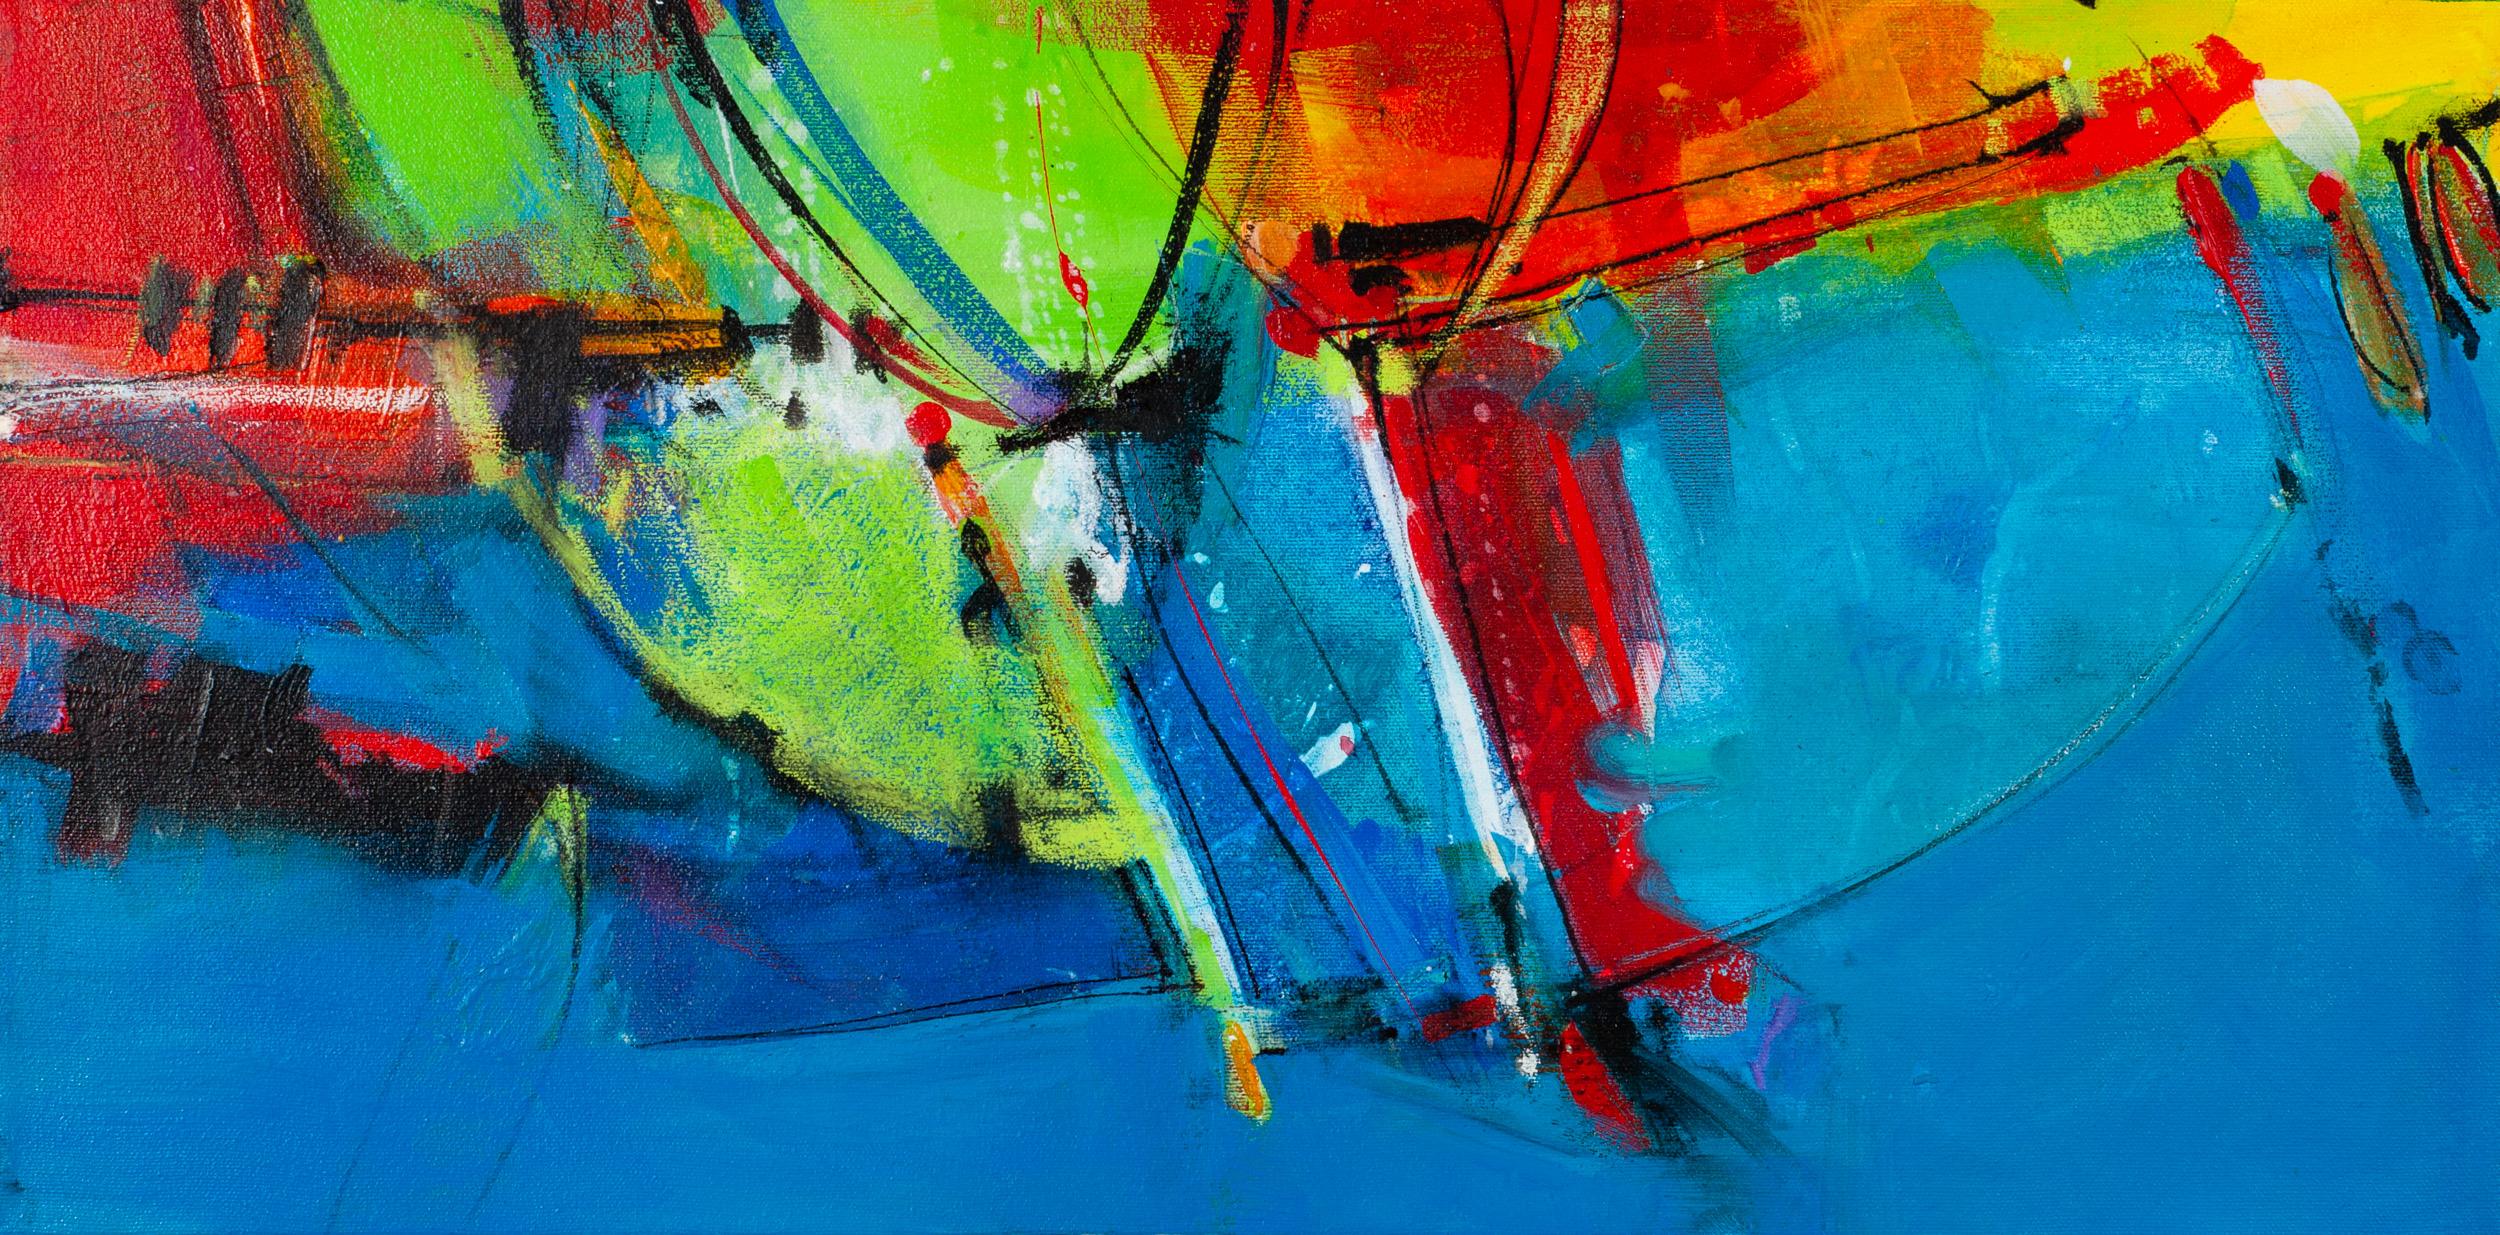 2019-04-14-Paintings-7.jpg